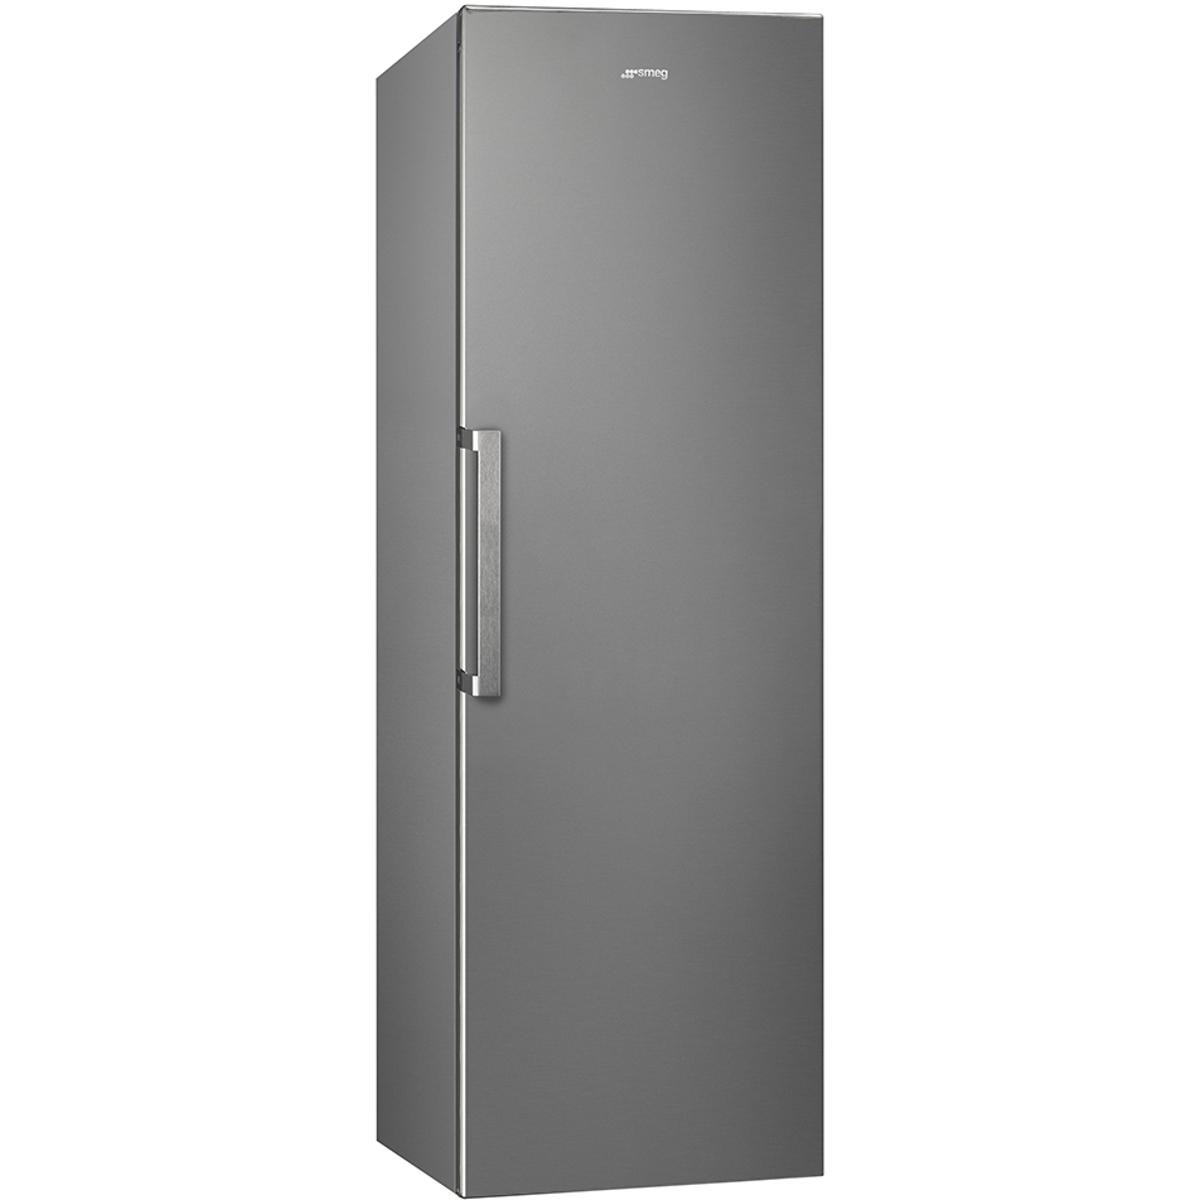 Smeg UK35PX4 Freestanding Larder Fridge with Stainless Steel Effect Doors